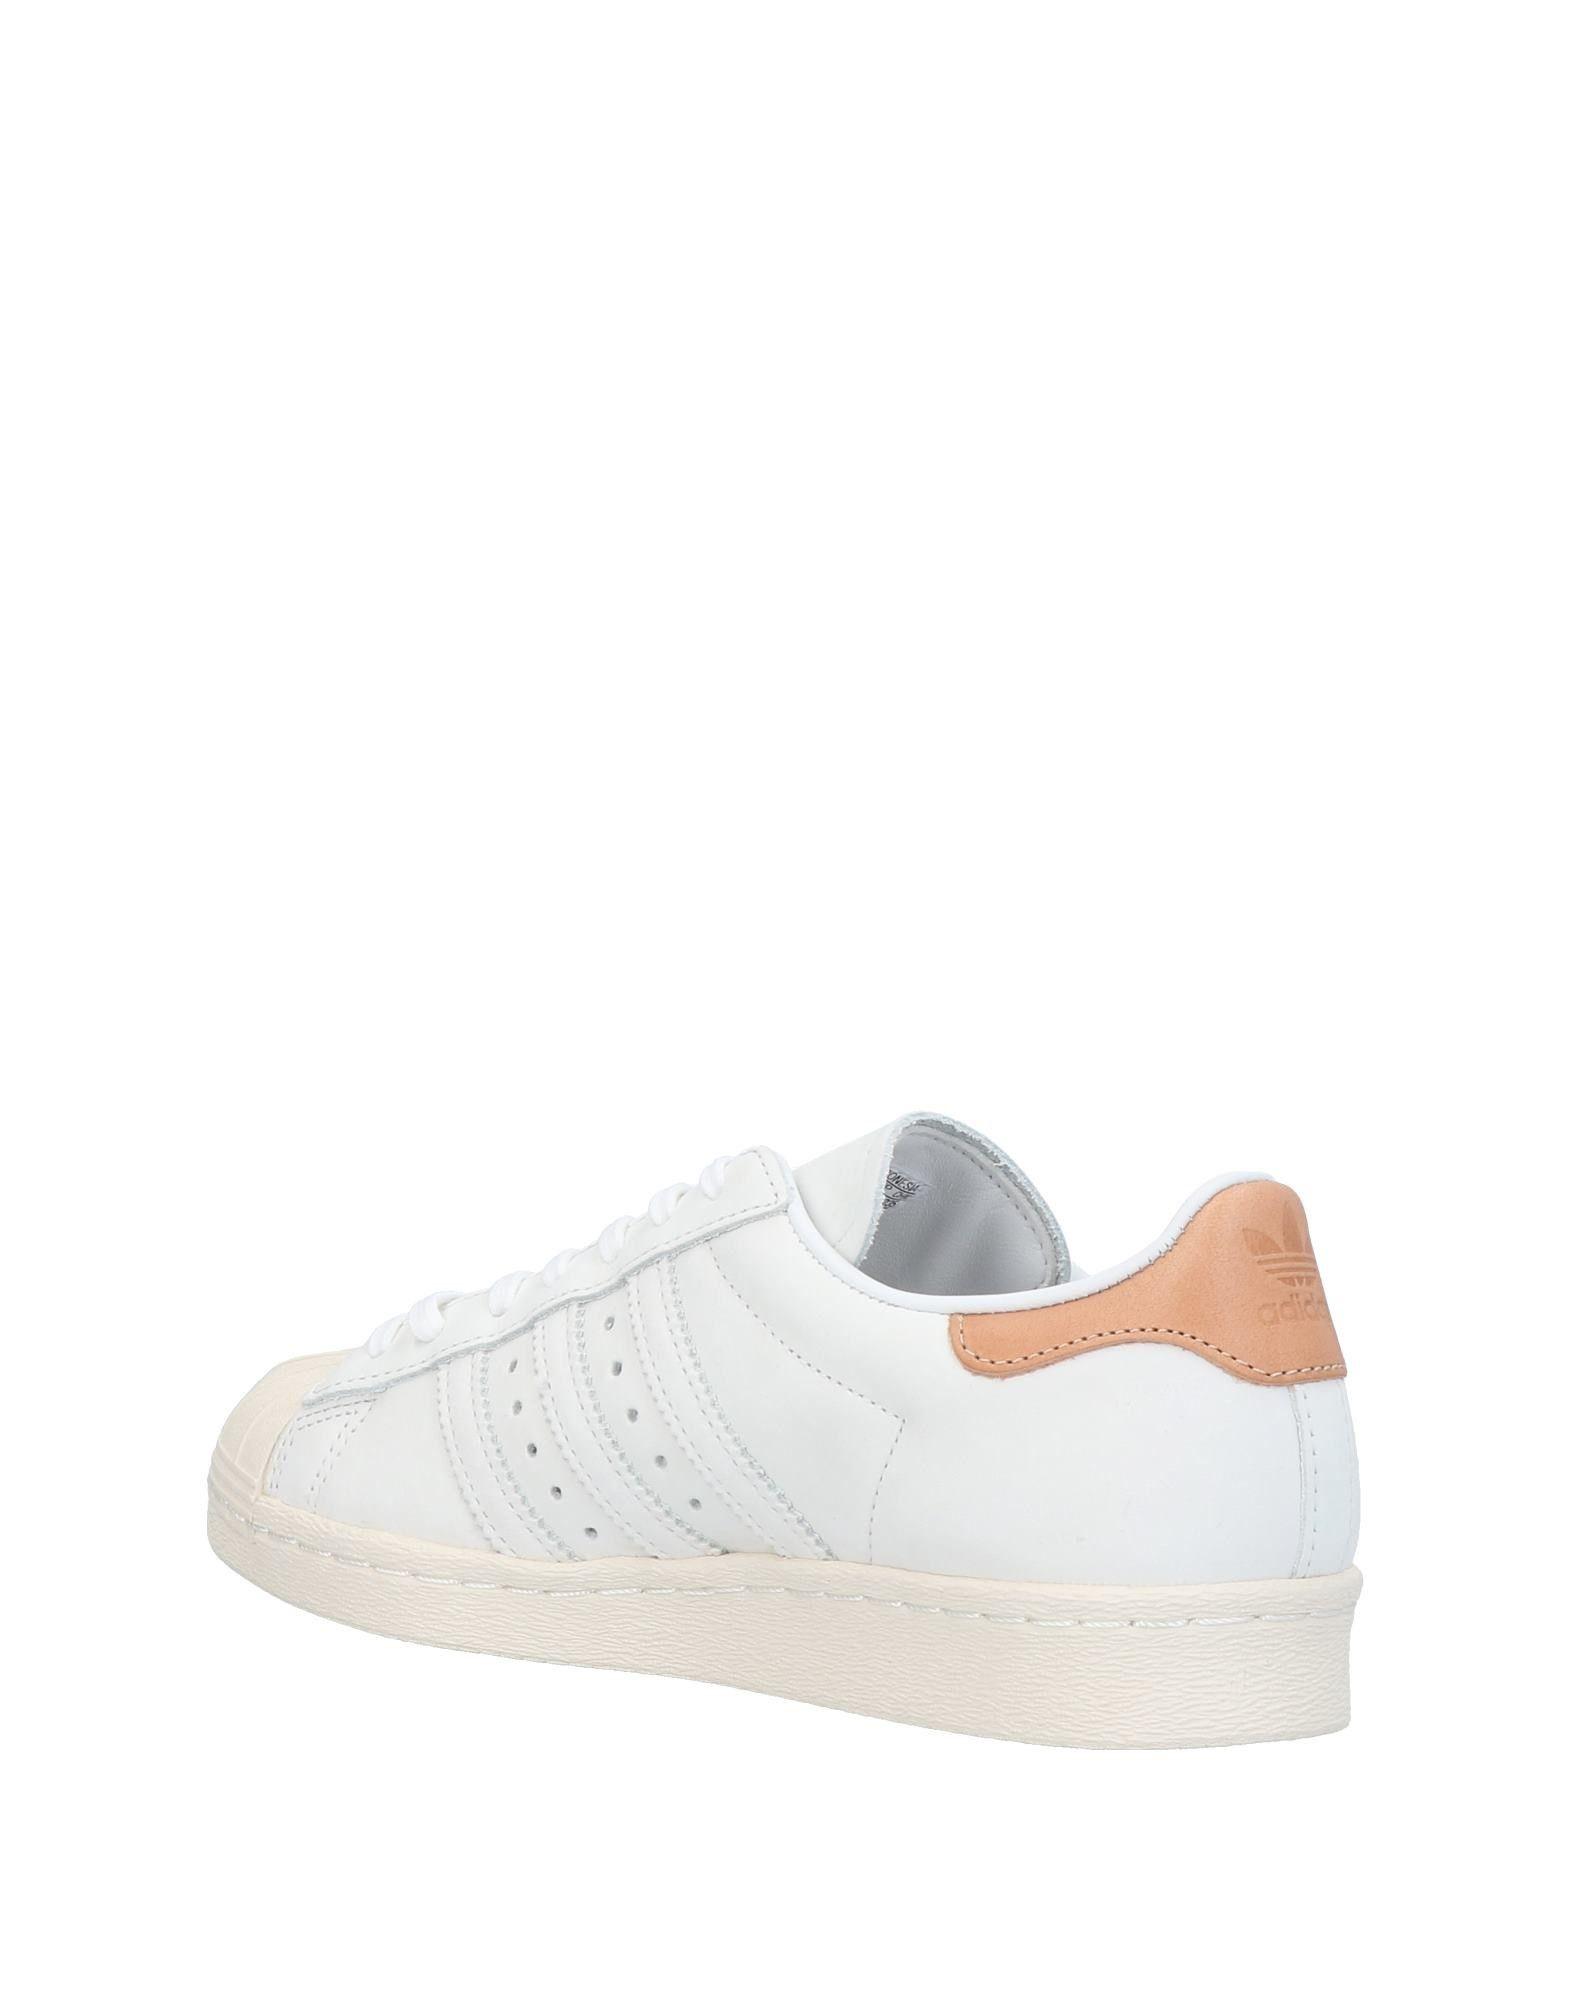 Adidas Originals Sneakers Qualität Damen  11453147DE Gute Qualität Sneakers beliebte Schuhe 2a2f15